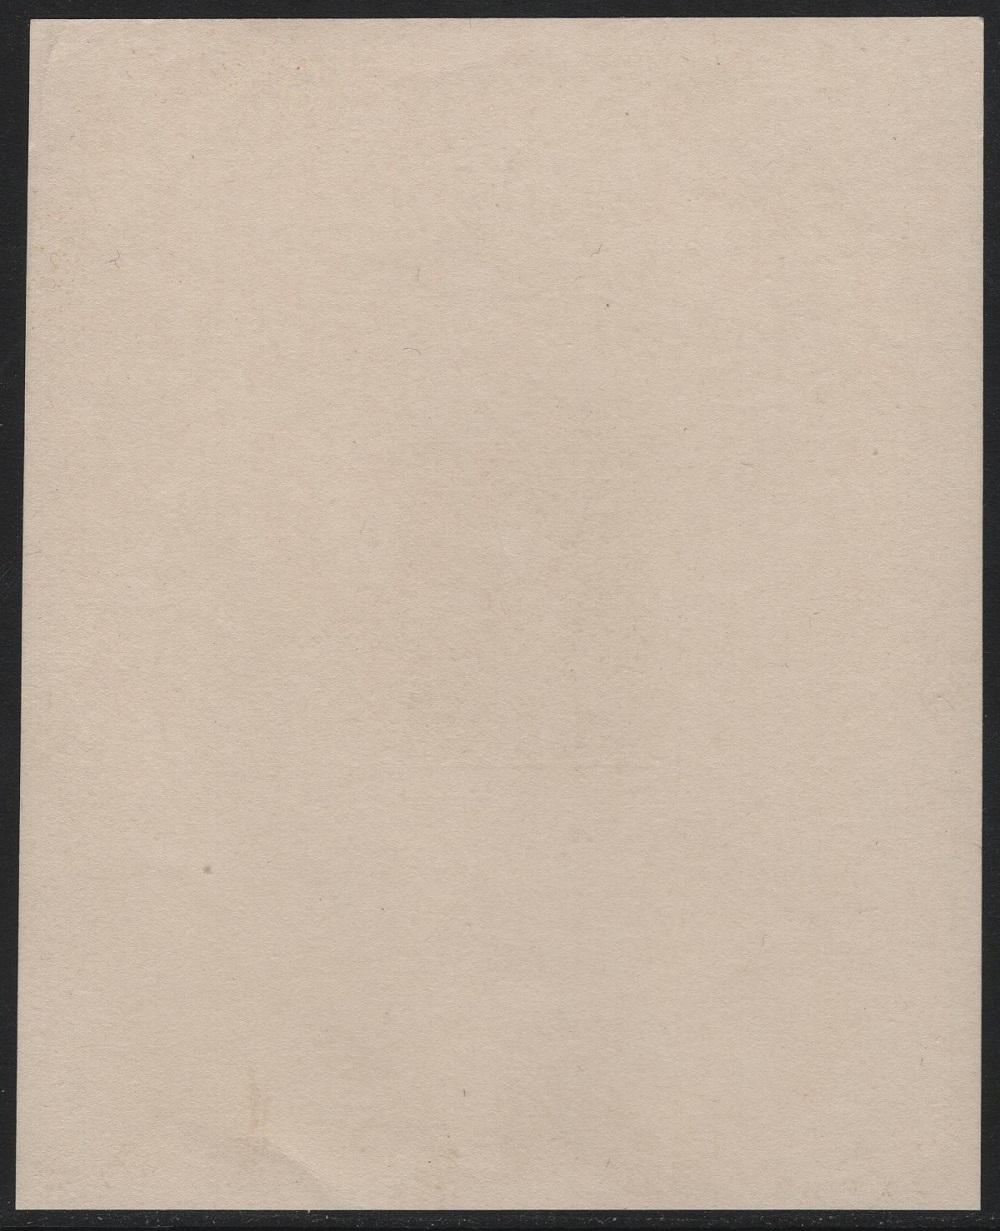 https://www.briefmarken-stari.at/bilder/617PUIIHeerführer12GroschenEinzelabzugKunstdruckpapierHK1061Bild2